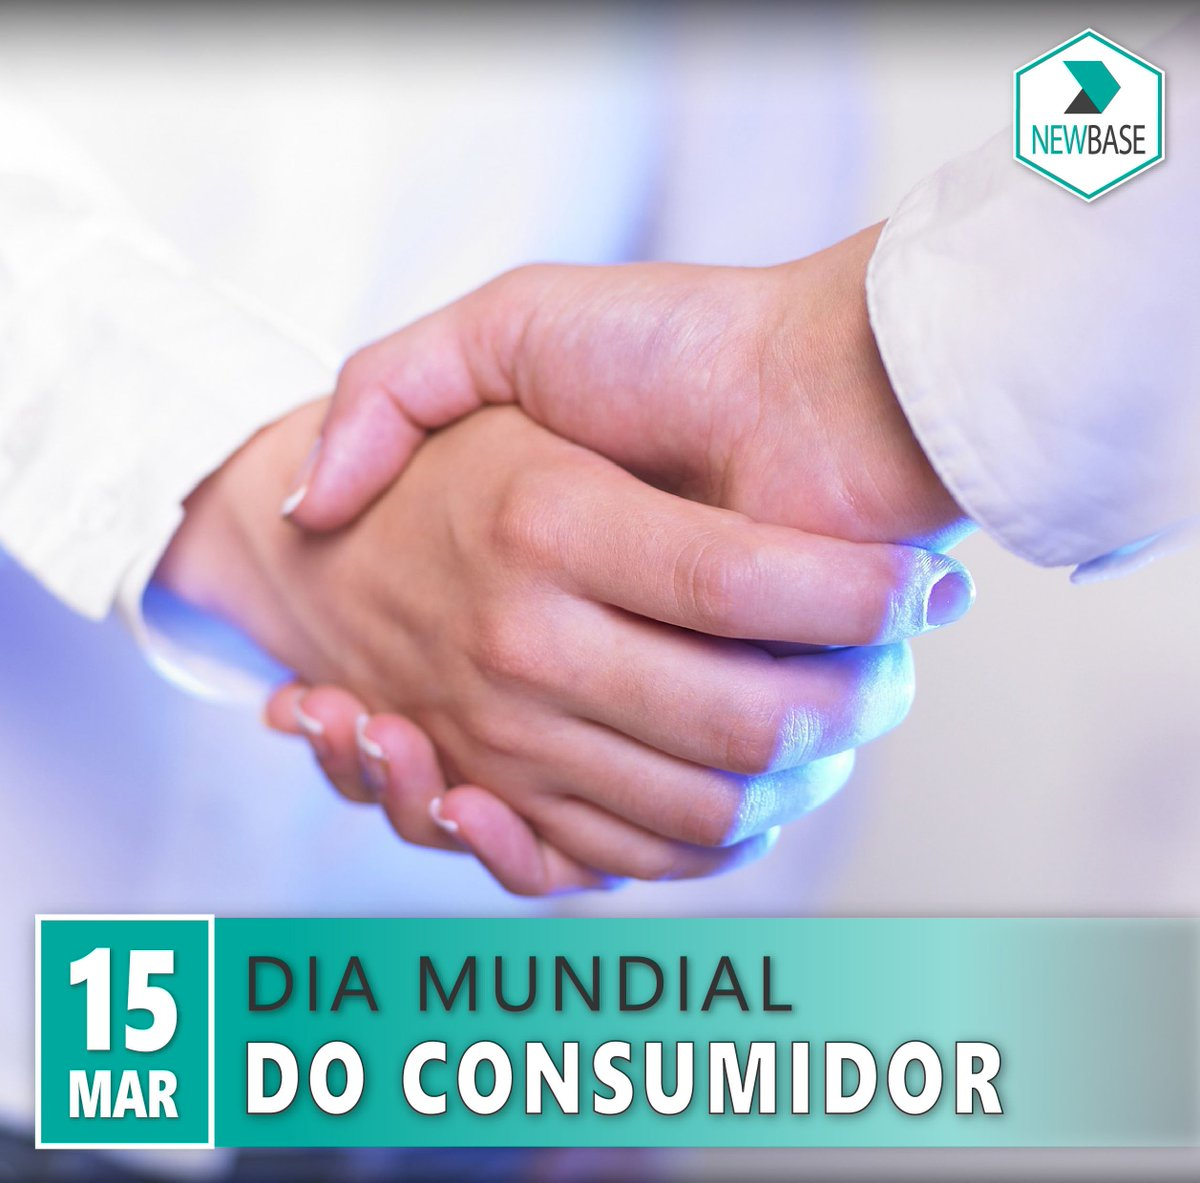 New Base Cursos's photo on #DiaDoConsumidor